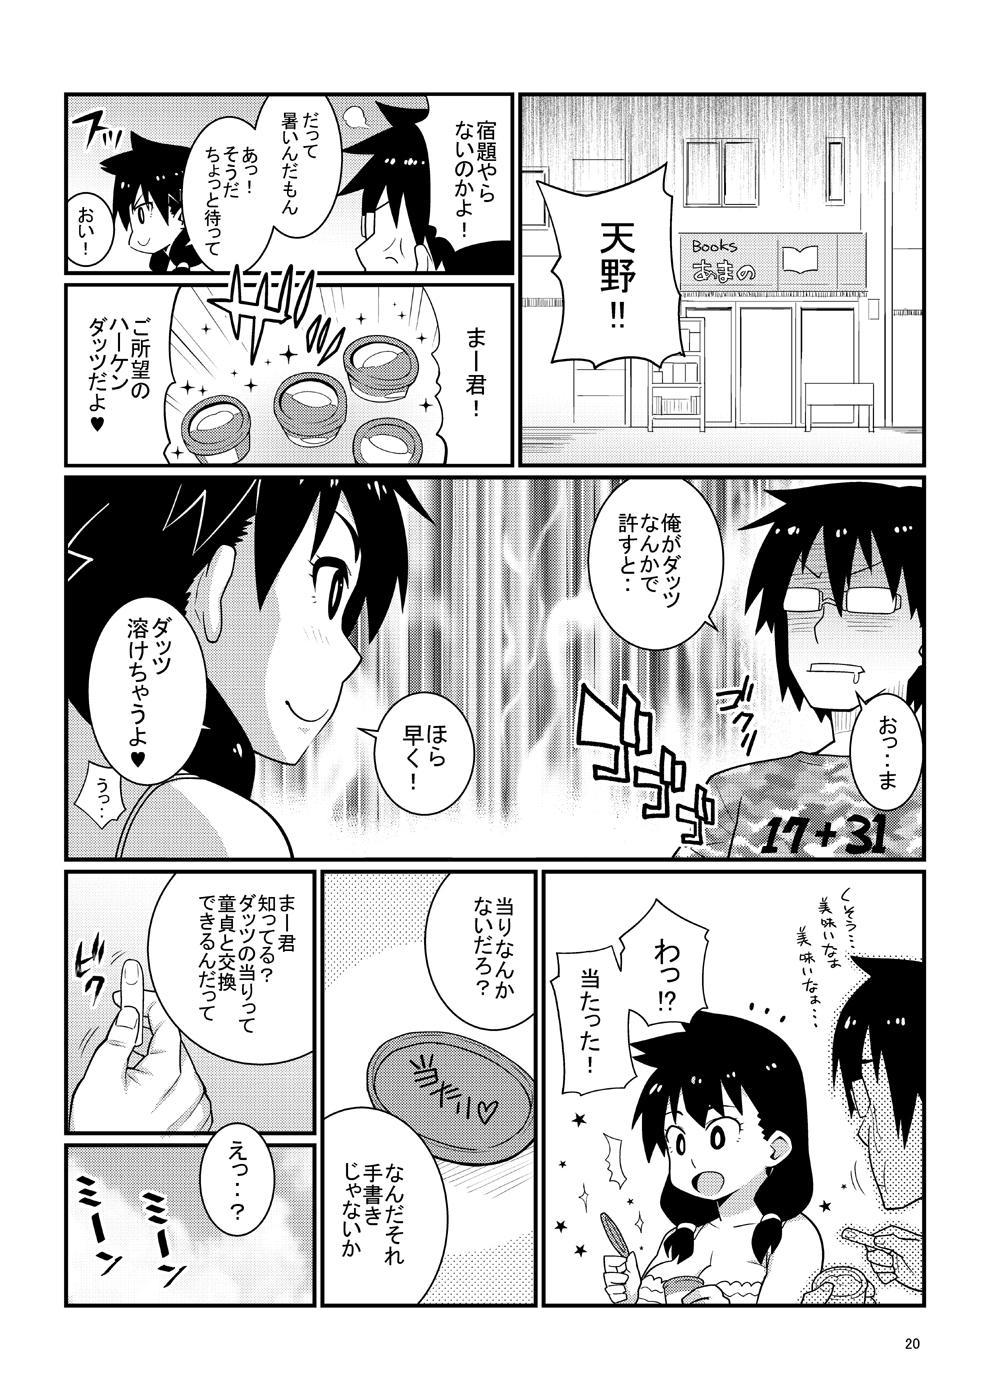 Sukidarake JK no Natsuyasumi Enkou Debut! 18